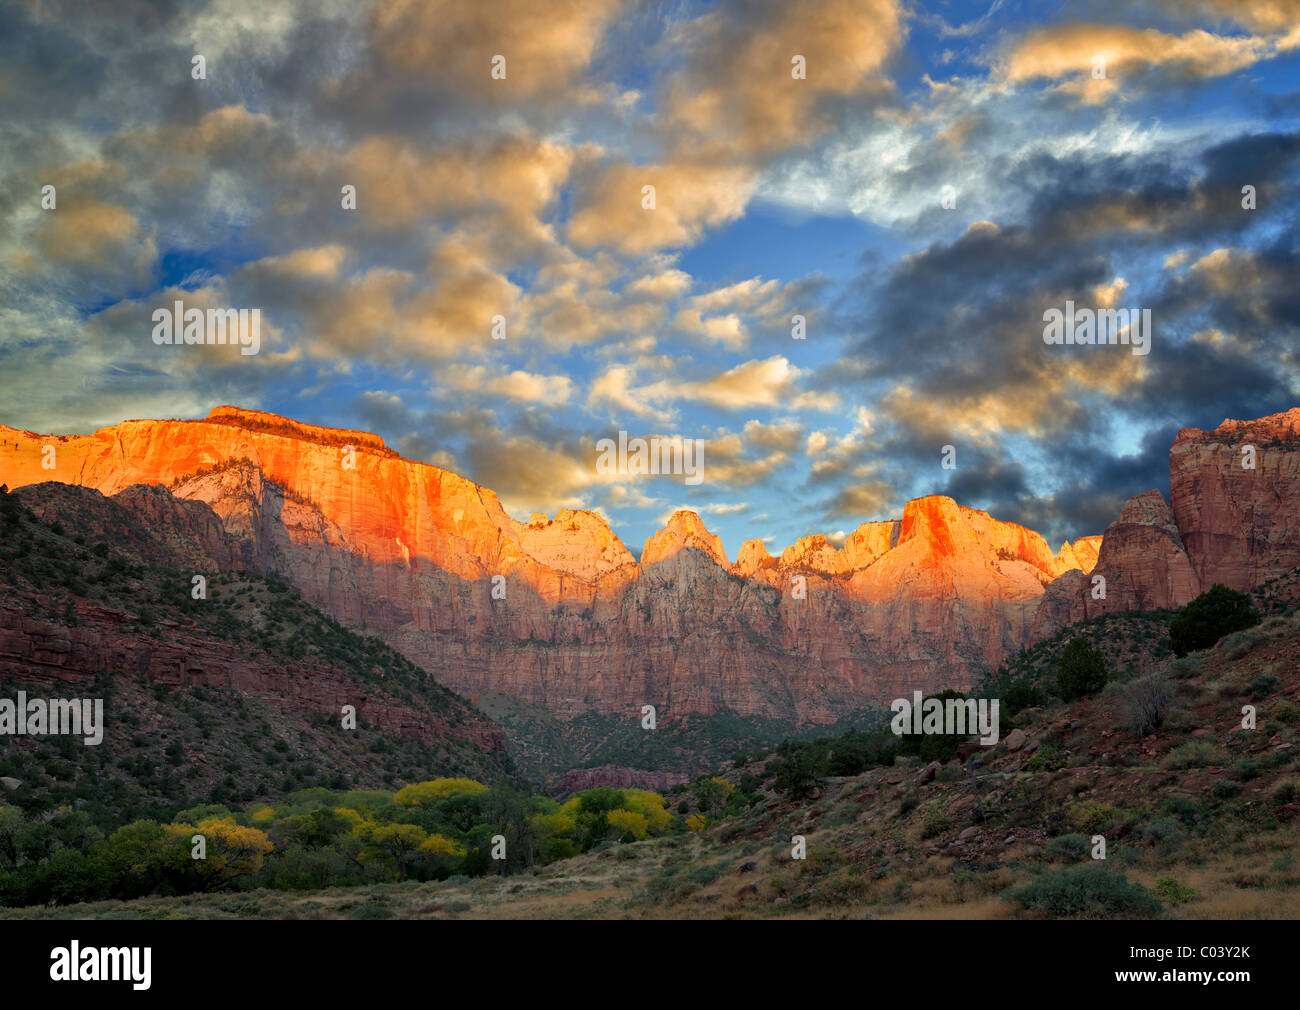 Templos y torres de la Virgen. Parque Nacional de Zion, Utah. Se ha añadido un cielo. Imagen De Stock